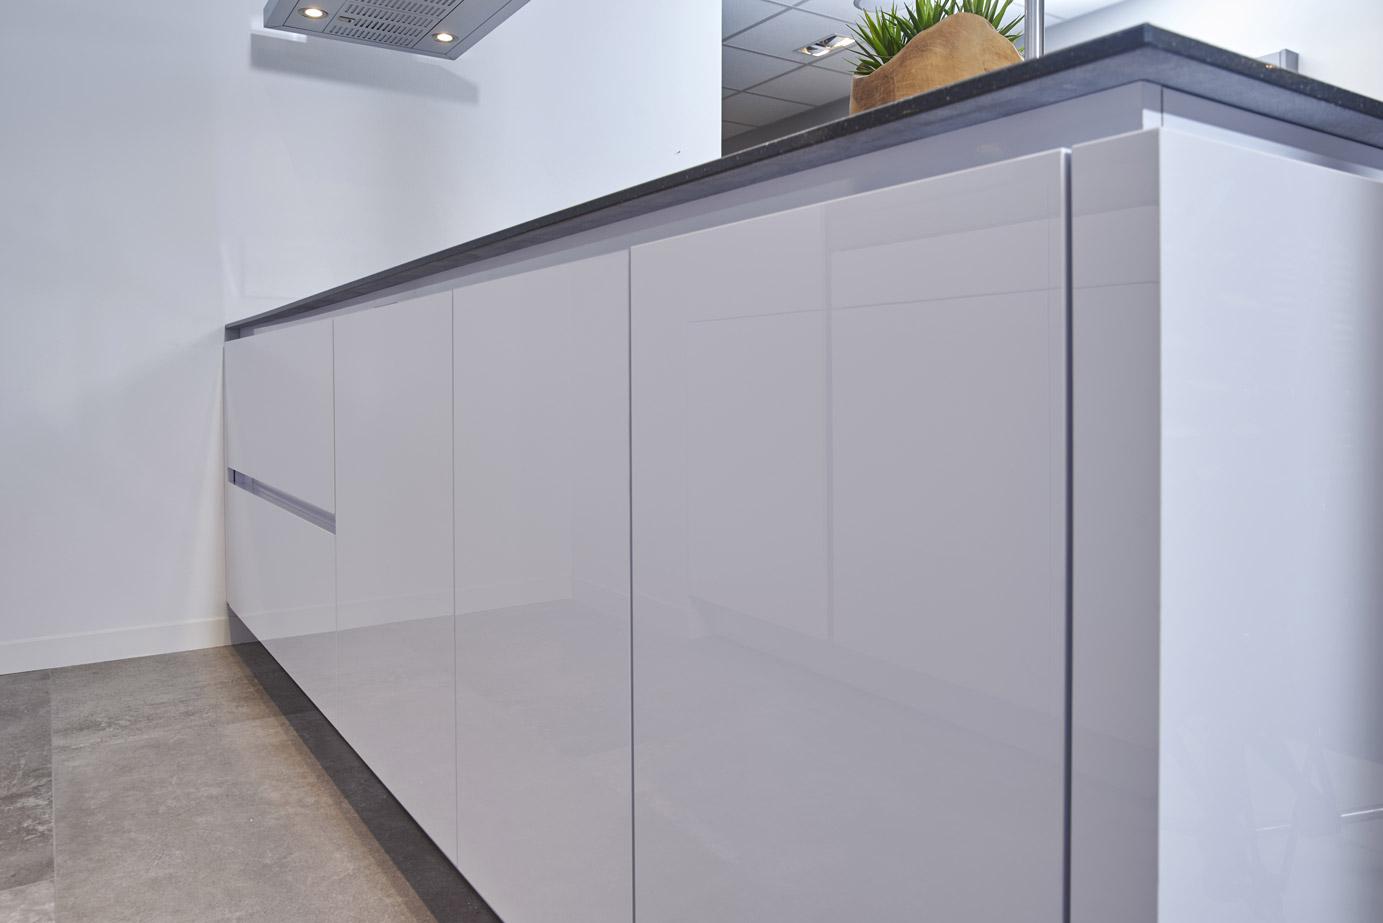 Keukenfronten alle informatie over fronten in de keuken db keukens